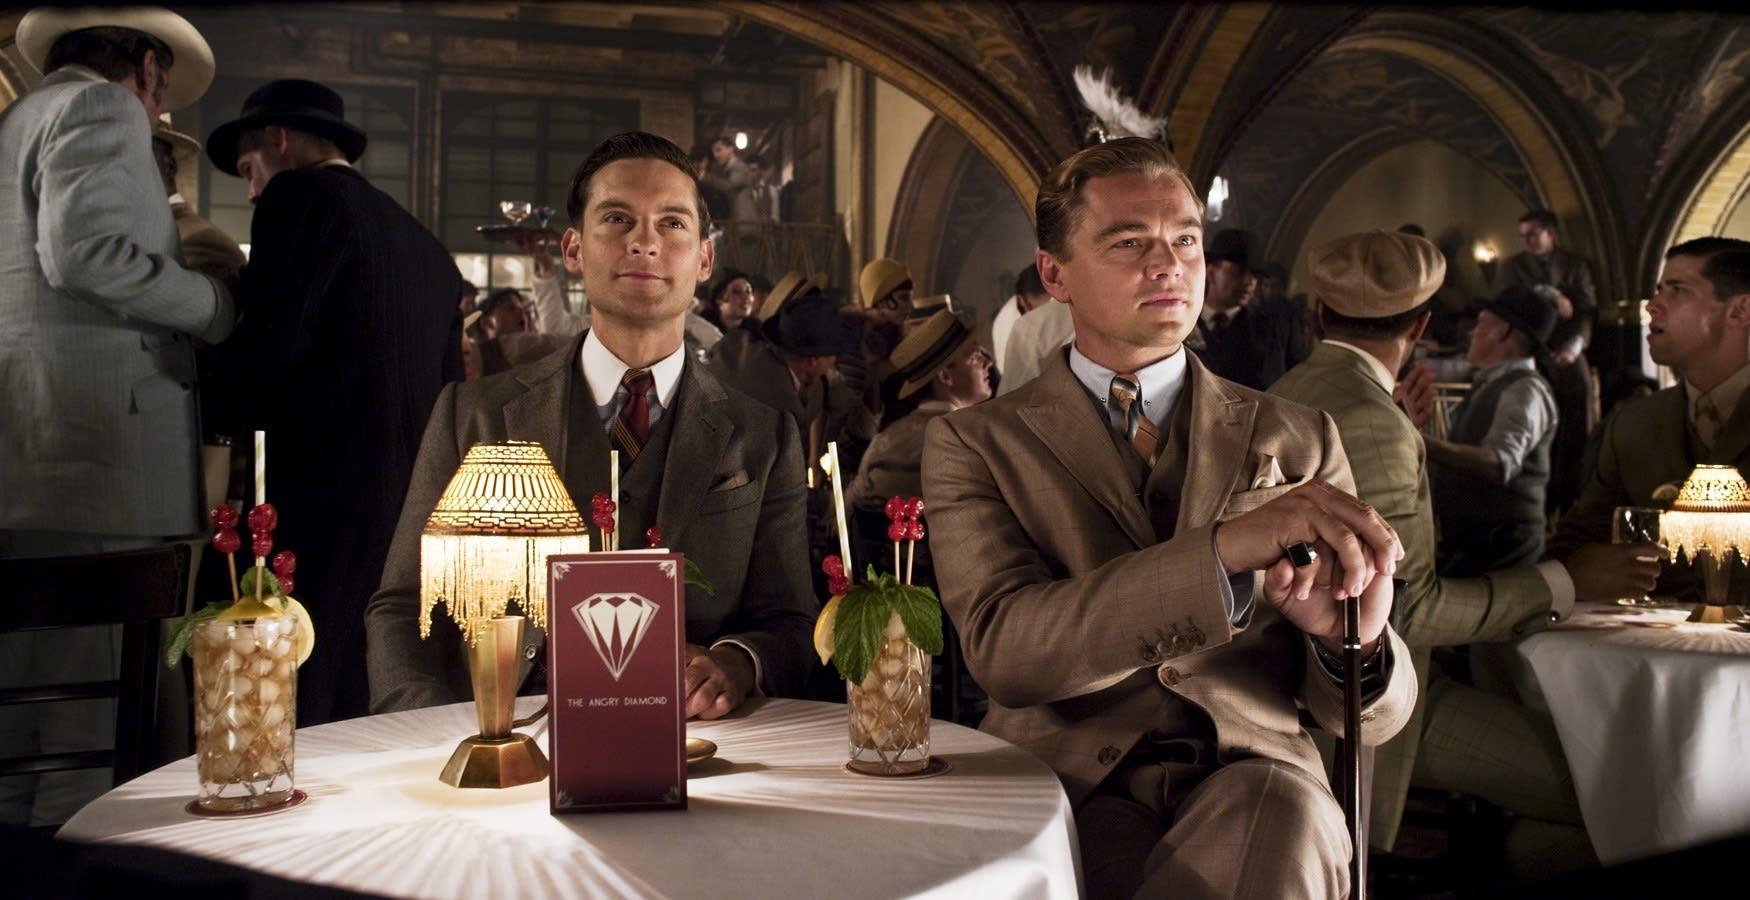 the great gatsby movie ile ilgili görsel sonucu